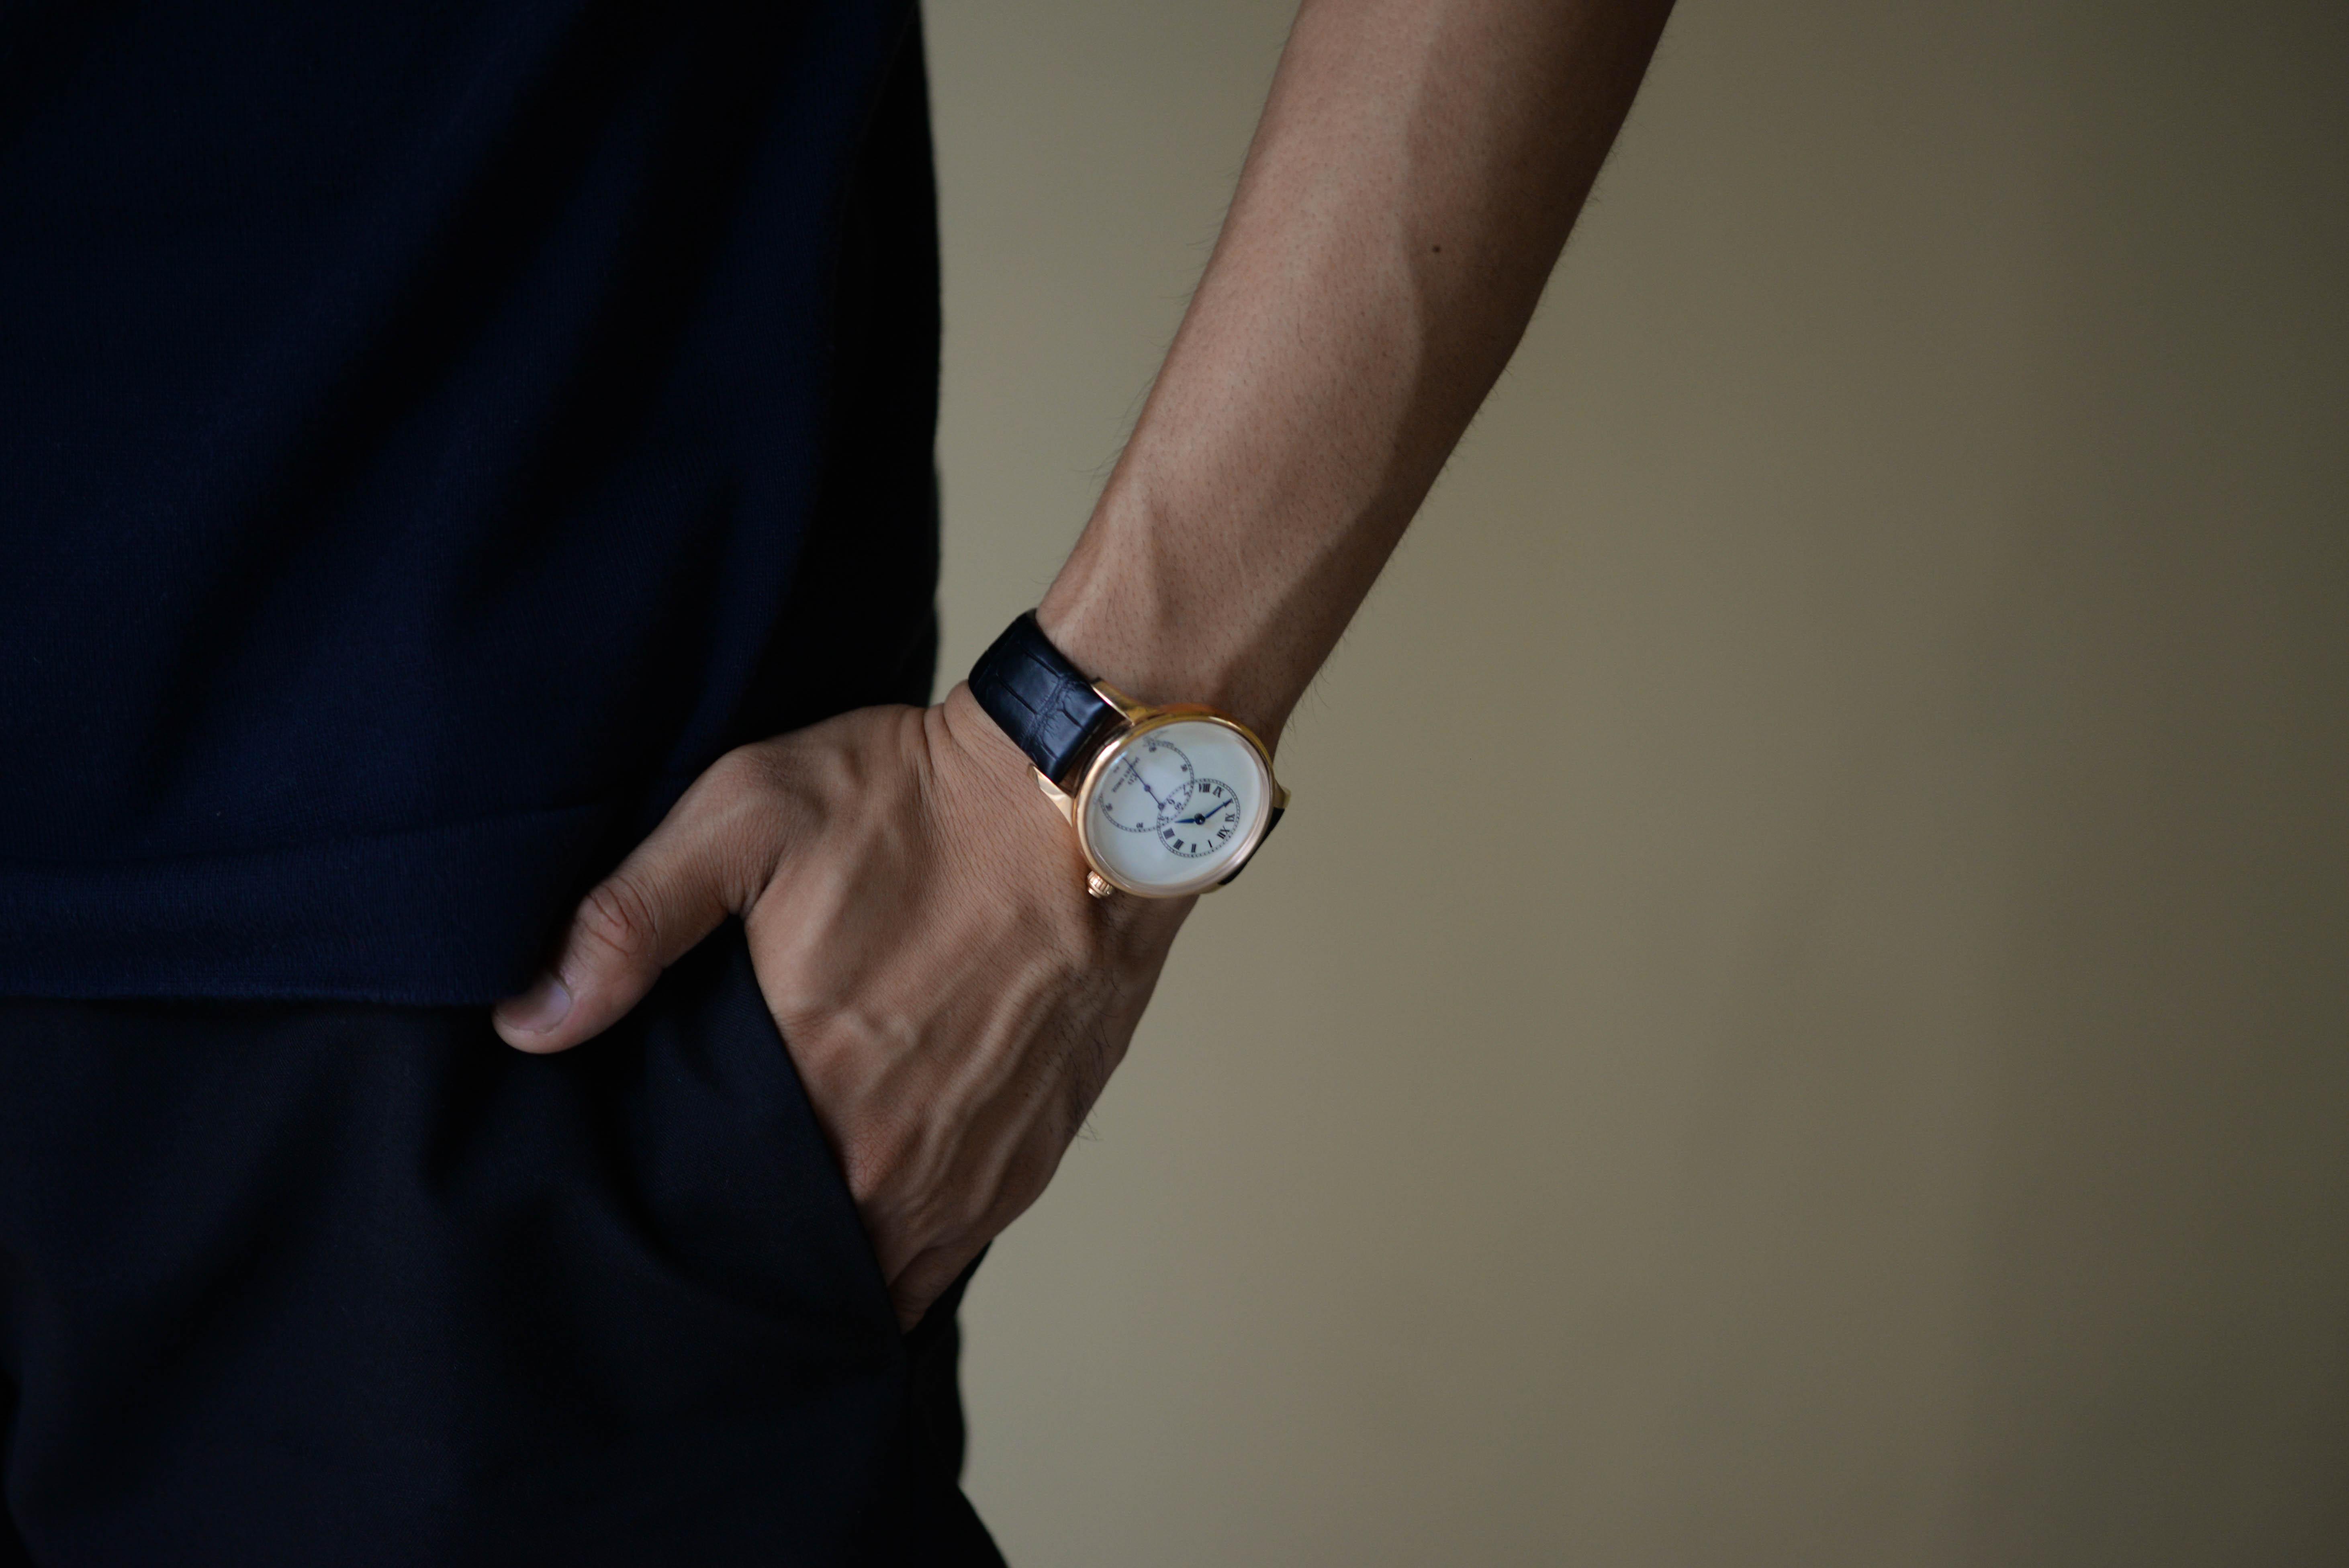 腕時計について先輩からアドバイスをもらった